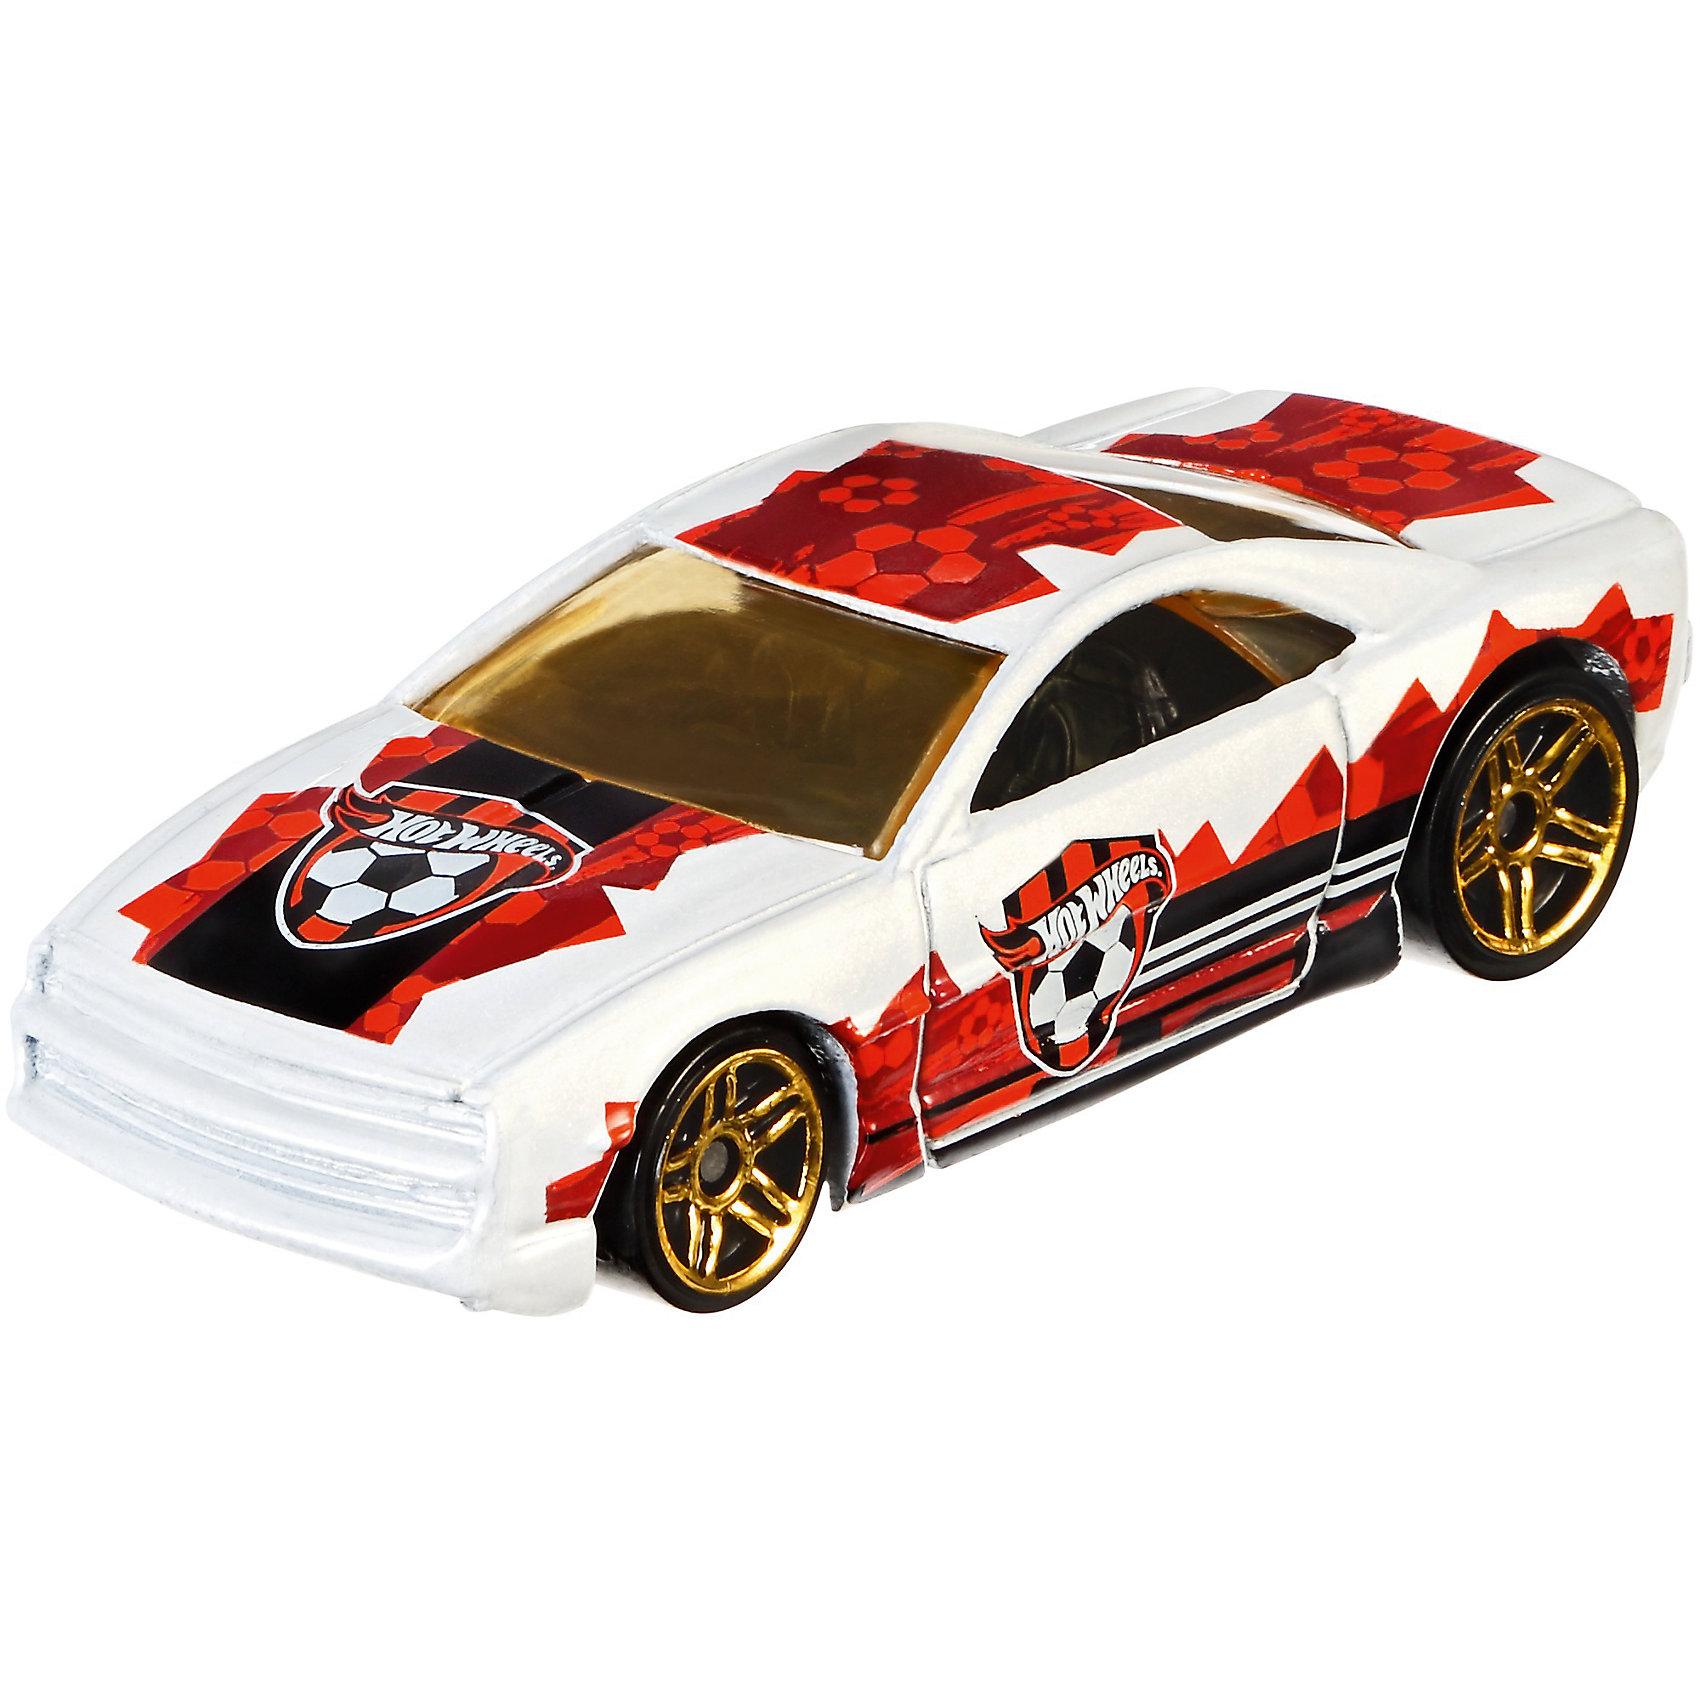 Коллекционная машинкаHot Wheels Muscle ToneКубок УЕФА, 1:64Популярные игрушки<br>Характеристики товара:<br><br>• возраст: от 3 лет;<br>• материал: пластик;<br>• в комплекте: машинка;<br>• длина машинки: 7 см;<br>• масштаб: 1:64;<br>• размер упаковки: 16,5х11х3,5 см;<br>• вес упаковки: 37 гр.;<br>• страна производитель: Тайланд.<br><br>Коллекционная машинка Muscle Tone Кубок УЕФА Hot Wheels создана специально в стиле футбольных команд-участниц Чемпионата Европы 2016. Машинка украшена логотипом одной из команд. Игрушка выполнена из качественного безопасного пластика.<br><br>Коллекционную машинку Muscle Tone Кубок УЕФА Hot Wheels можно приобрести в нашем интернет-магазине.<br><br>Ширина мм: 167<br>Глубина мм: 106<br>Высота мм: 20<br>Вес г: 37<br>Возраст от месяцев: 36<br>Возраст до месяцев: 72<br>Пол: Мужской<br>Возраст: Детский<br>SKU: 6973975